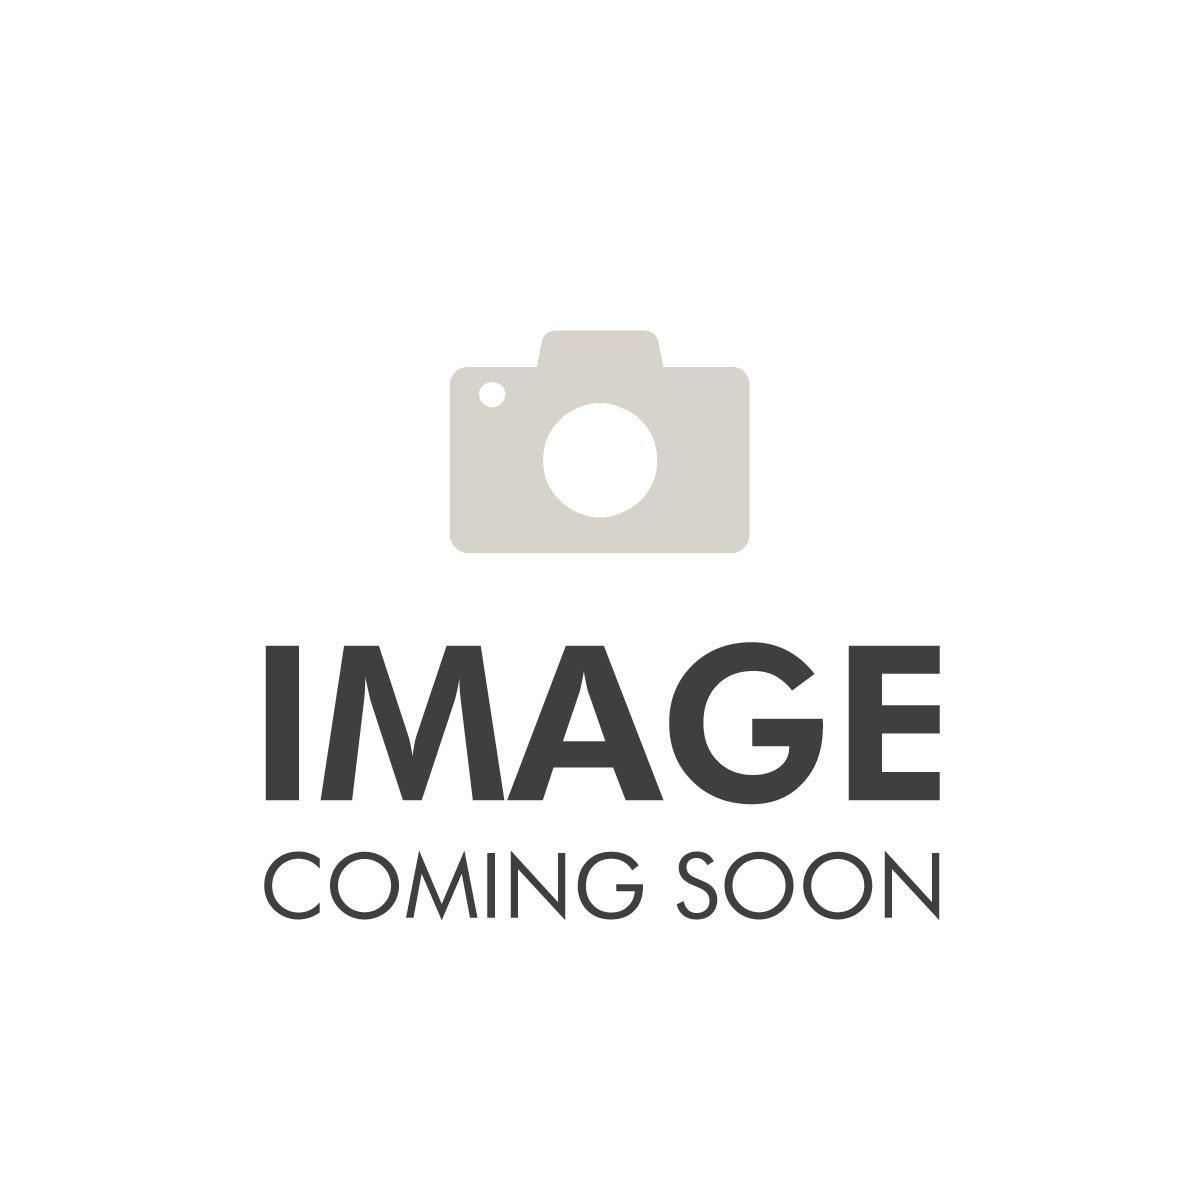 WS - Socle 3mm, manchon isolant et noix